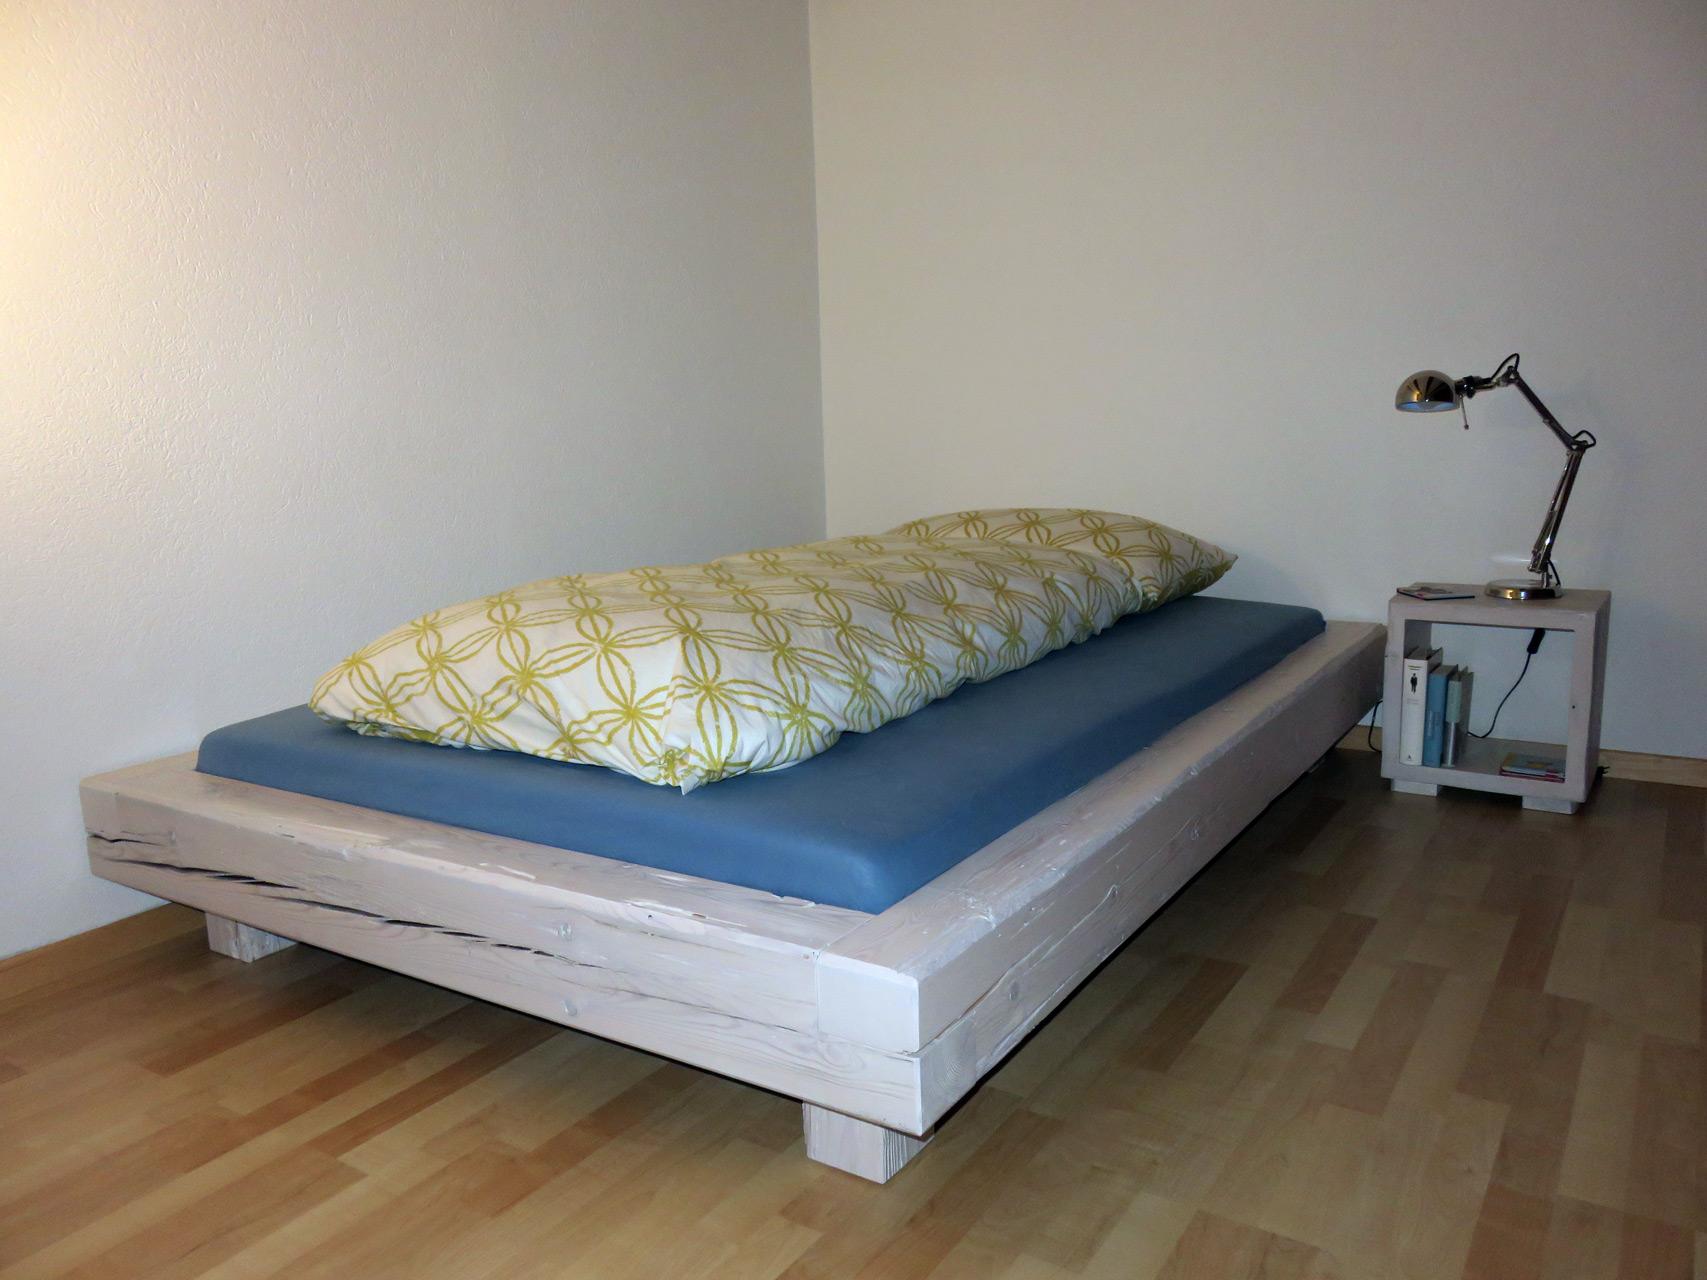 schlafzimmer bett modern inspiration design raum und m bel f r ihre wohnkultur. Black Bedroom Furniture Sets. Home Design Ideas